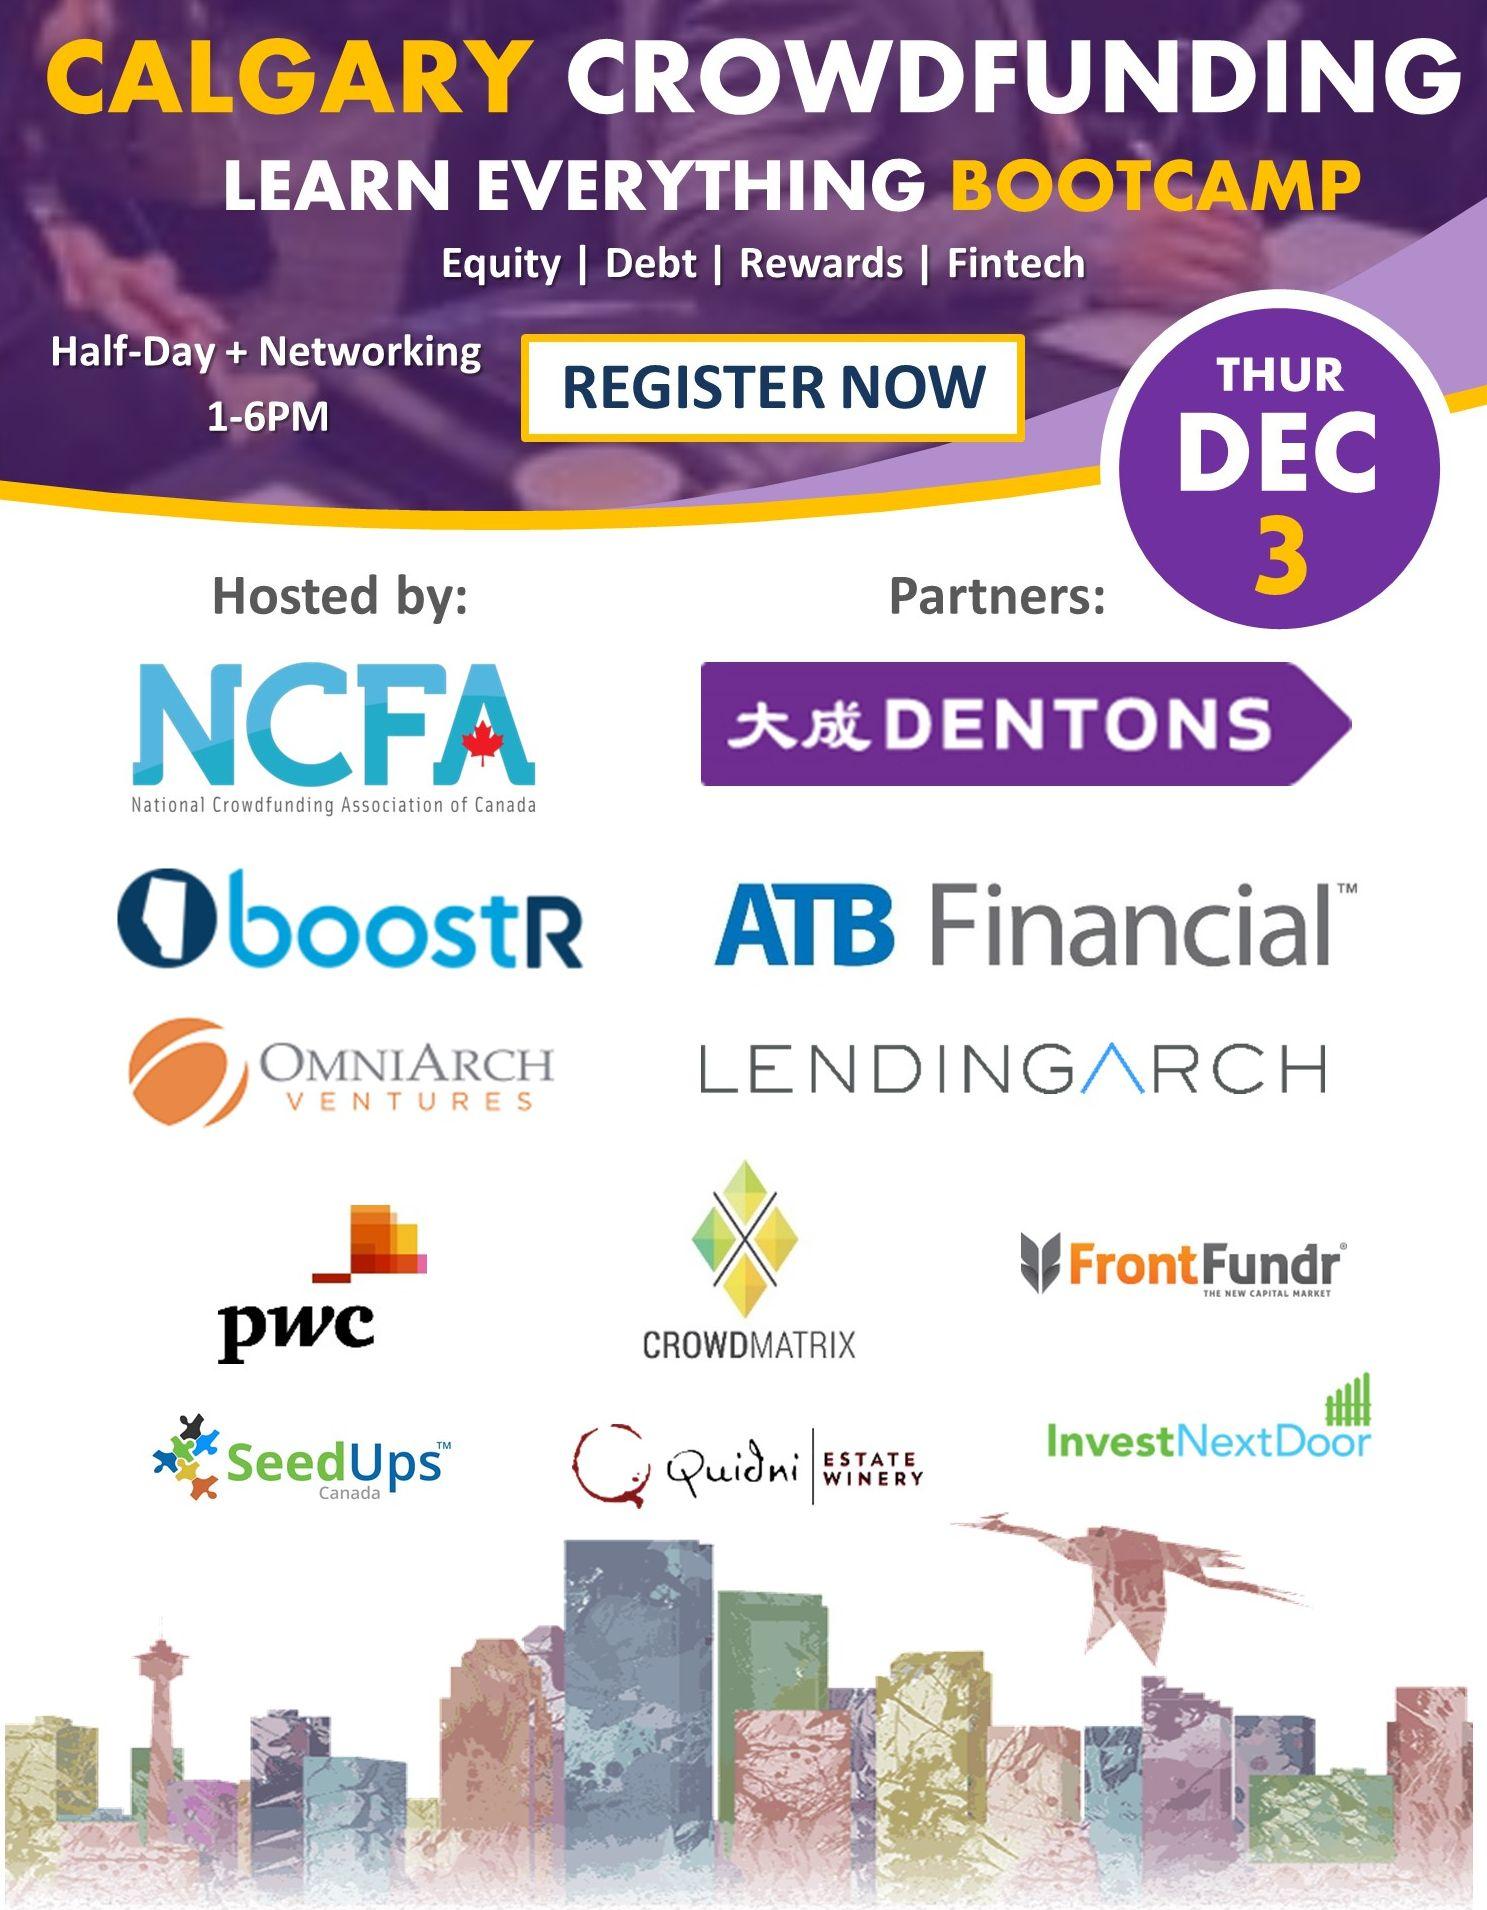 NCFA Calgary Crowdfunding Bootcamp Dec 3 v3